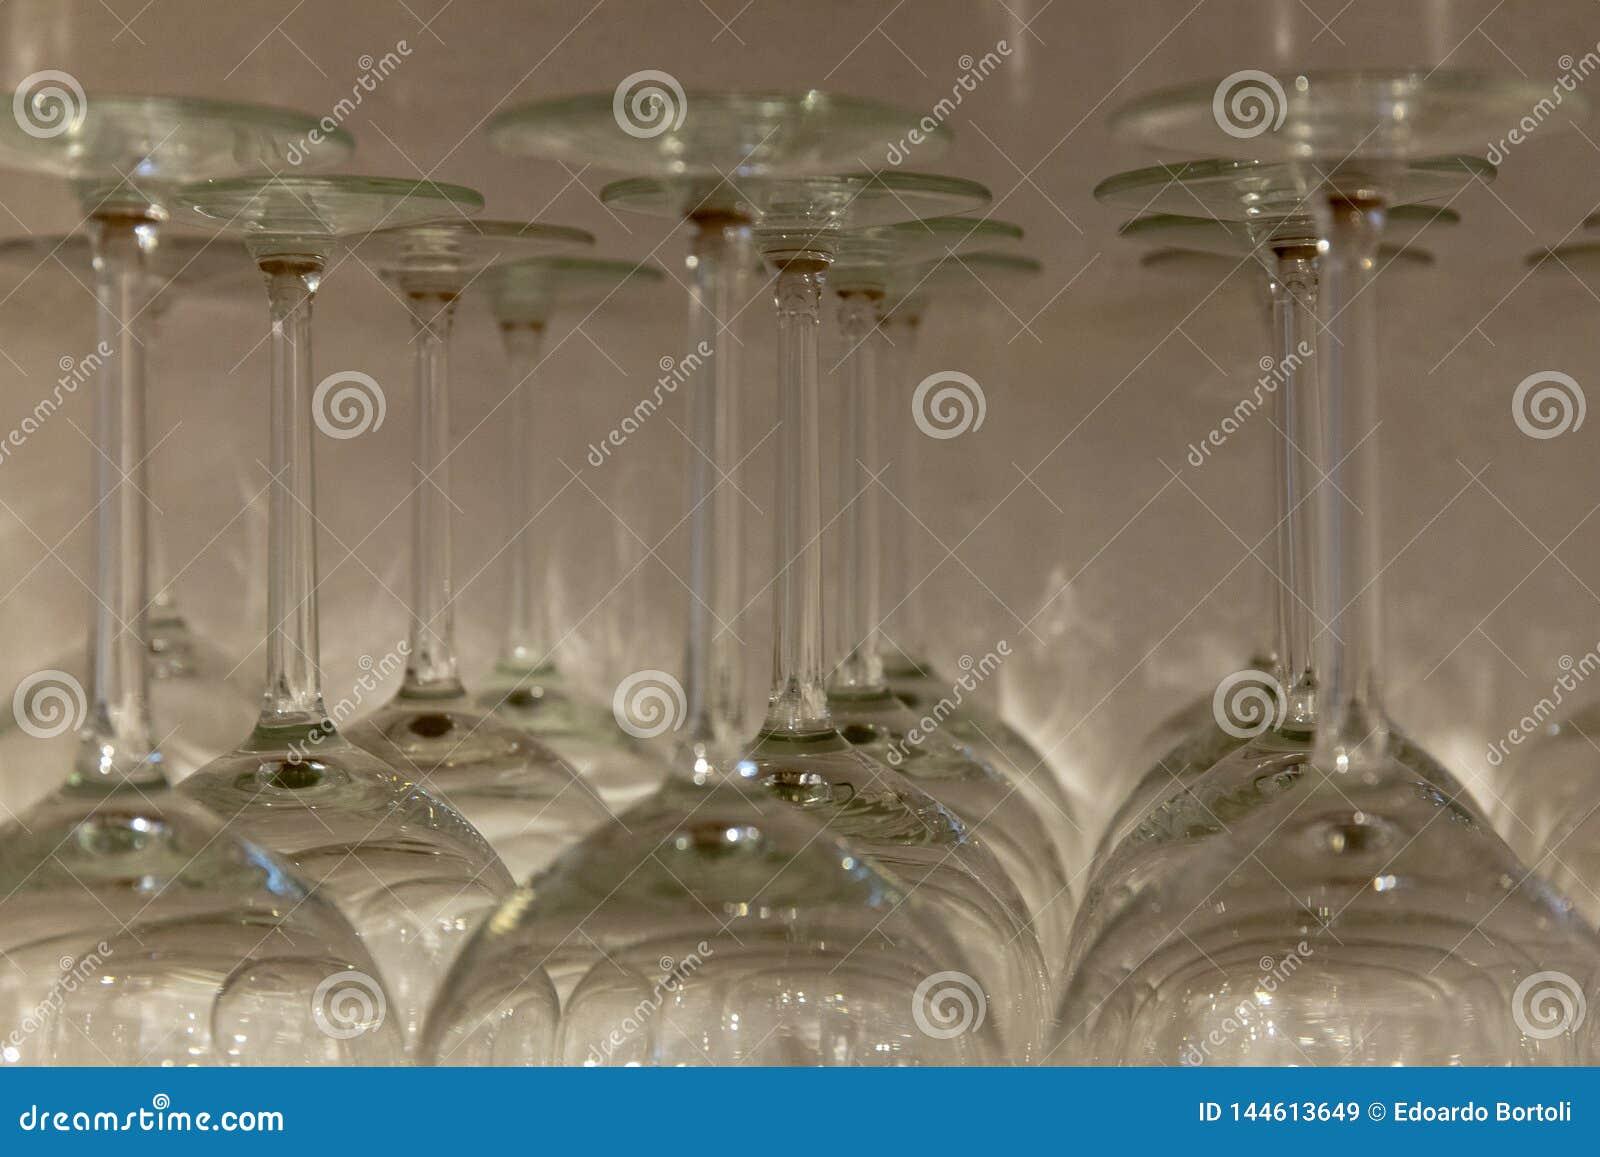 Rij van glazen